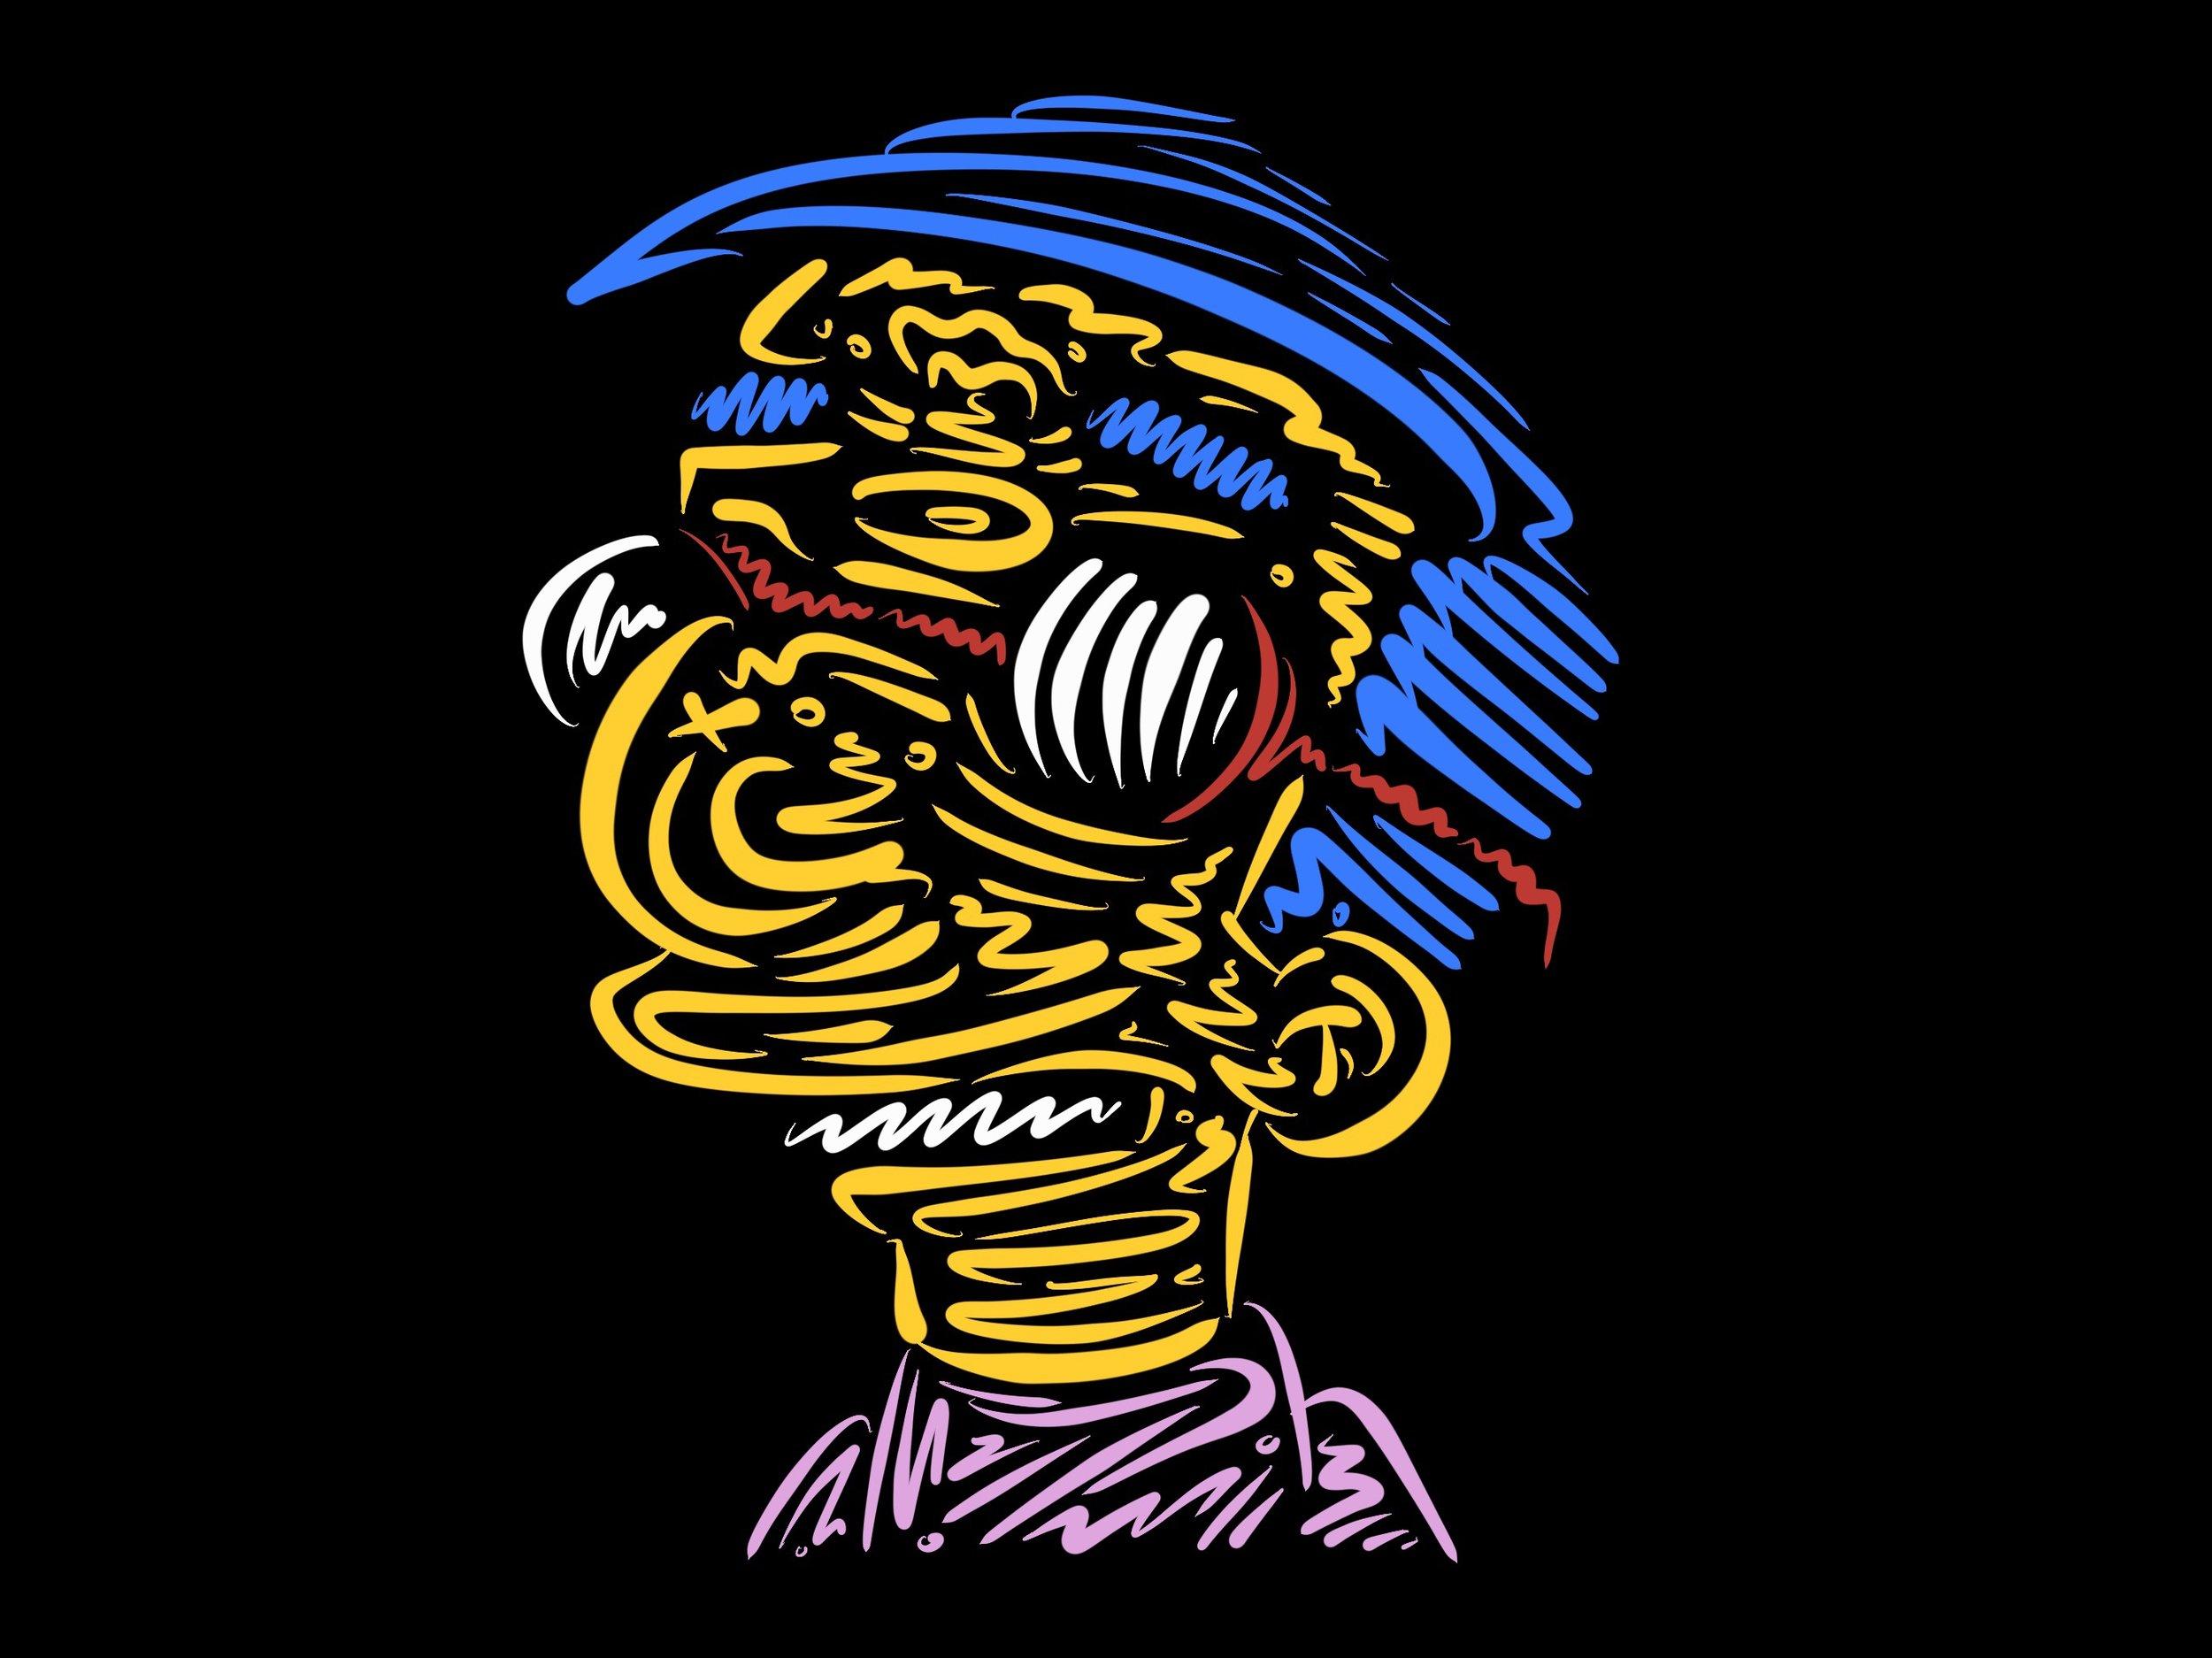 Milhouse.jpg